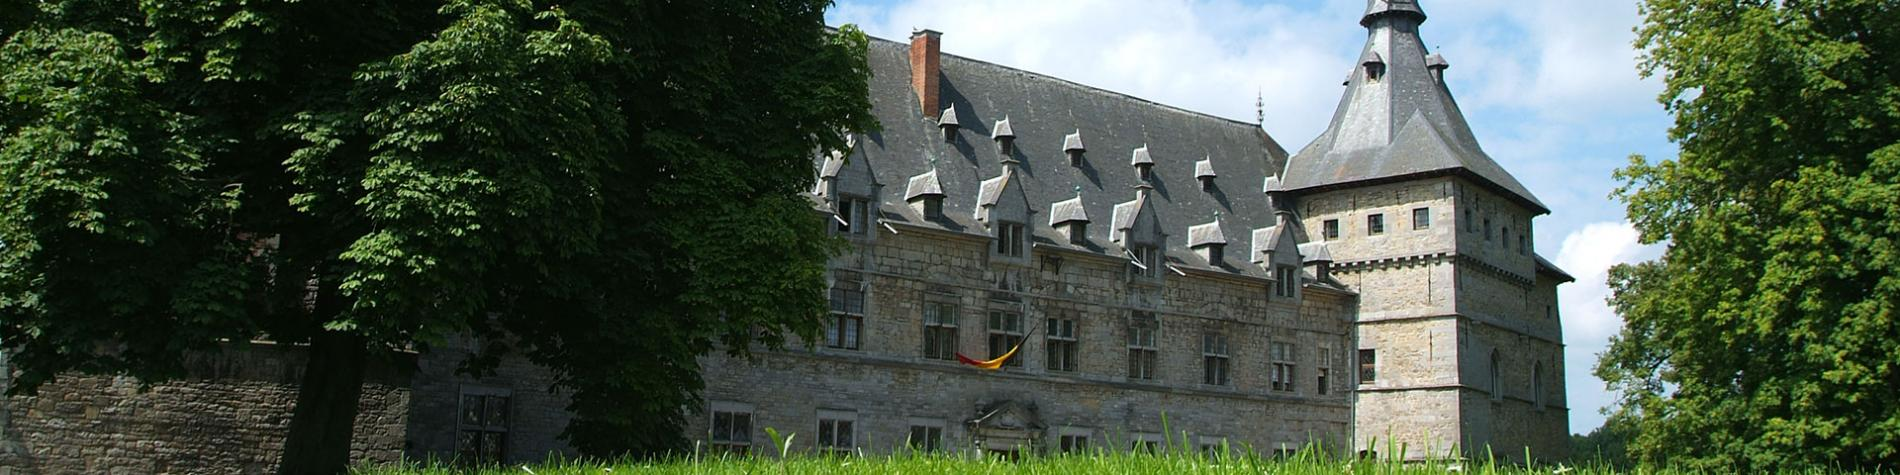 Château de Chimay - Chimay